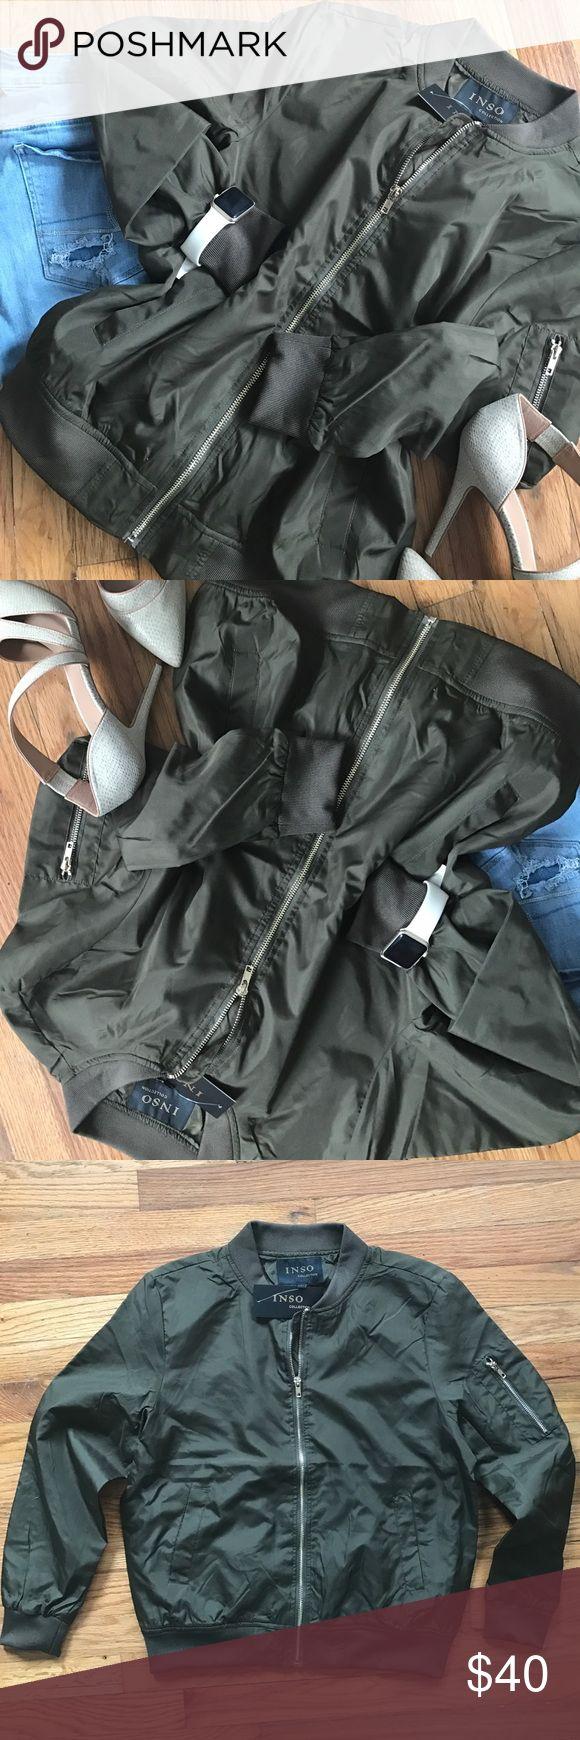 Olive green bomber jacket Olive green bomber jacket Jackets & Coats Utility Jackets